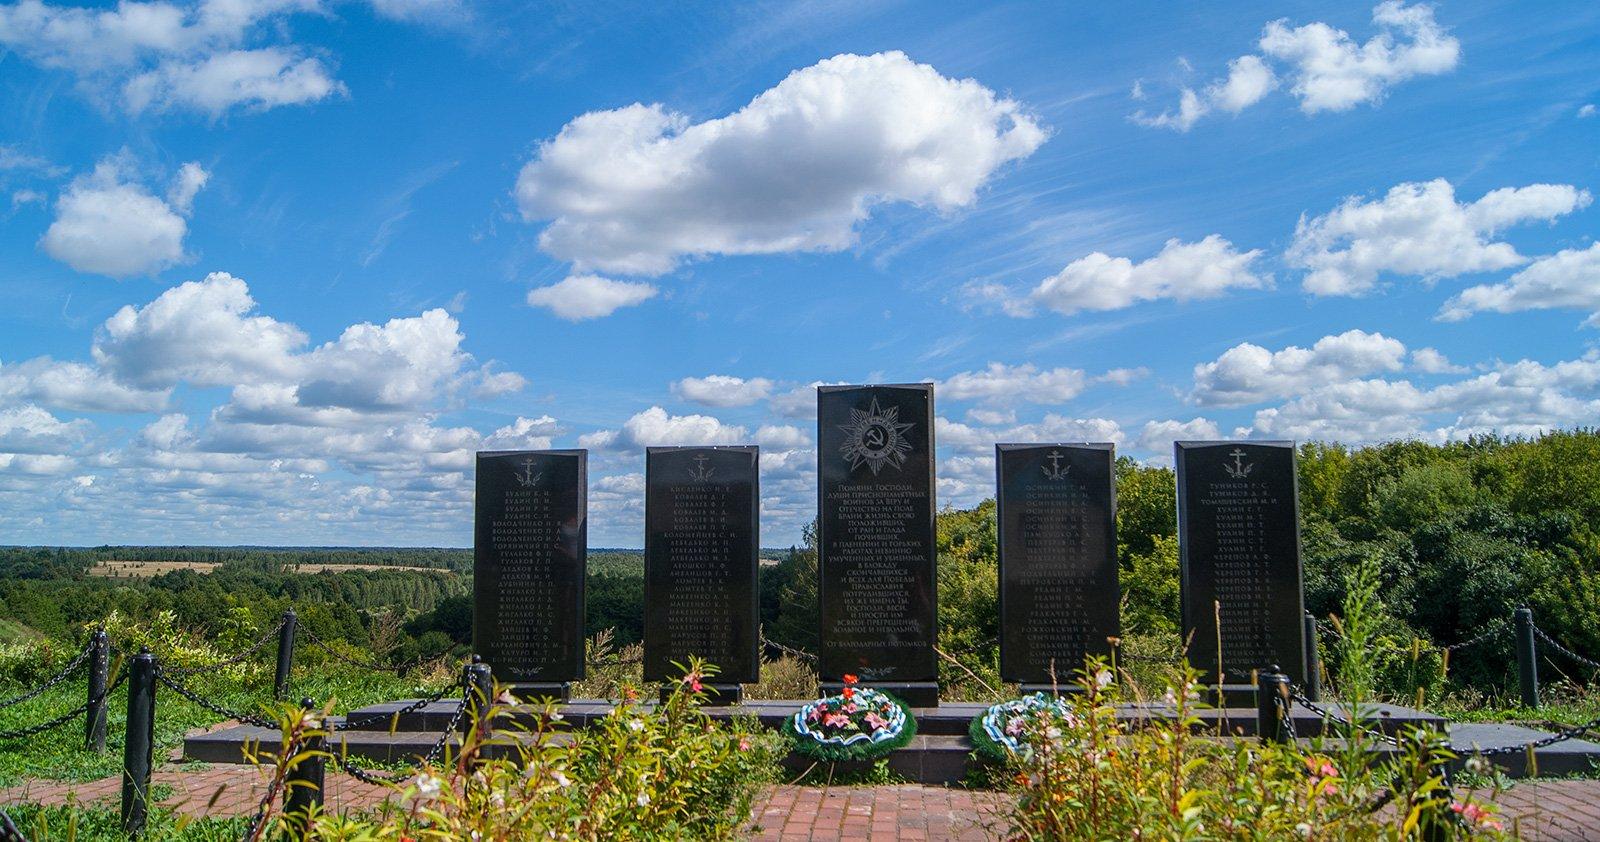 Памятник воинам Великой Отечественной расположен в центре села рядом с церковью Николая Чудотворца, на краю холма